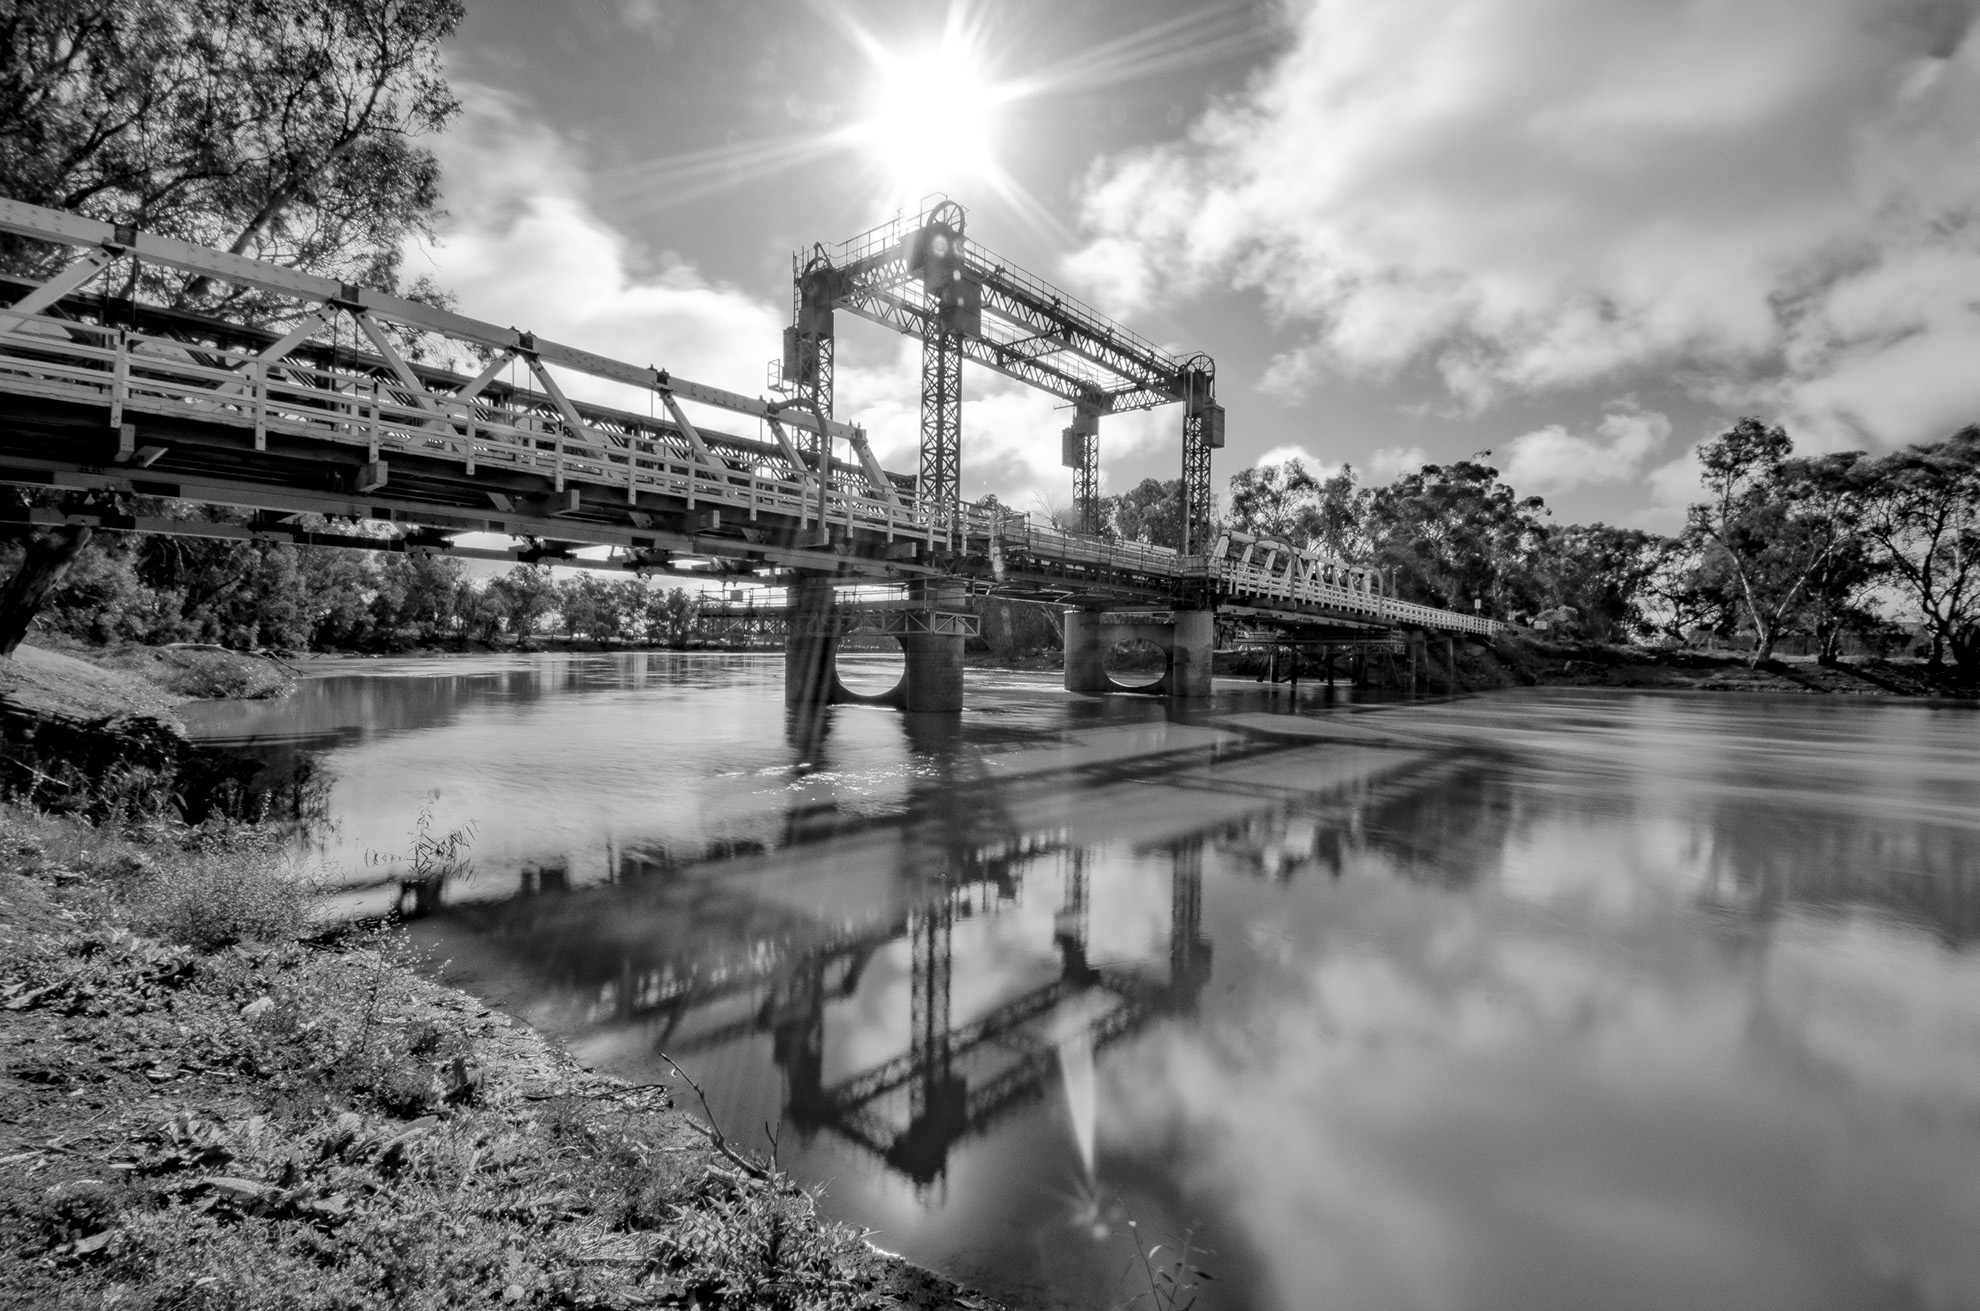 SWAN HILL BRIDGE - VICTORIA